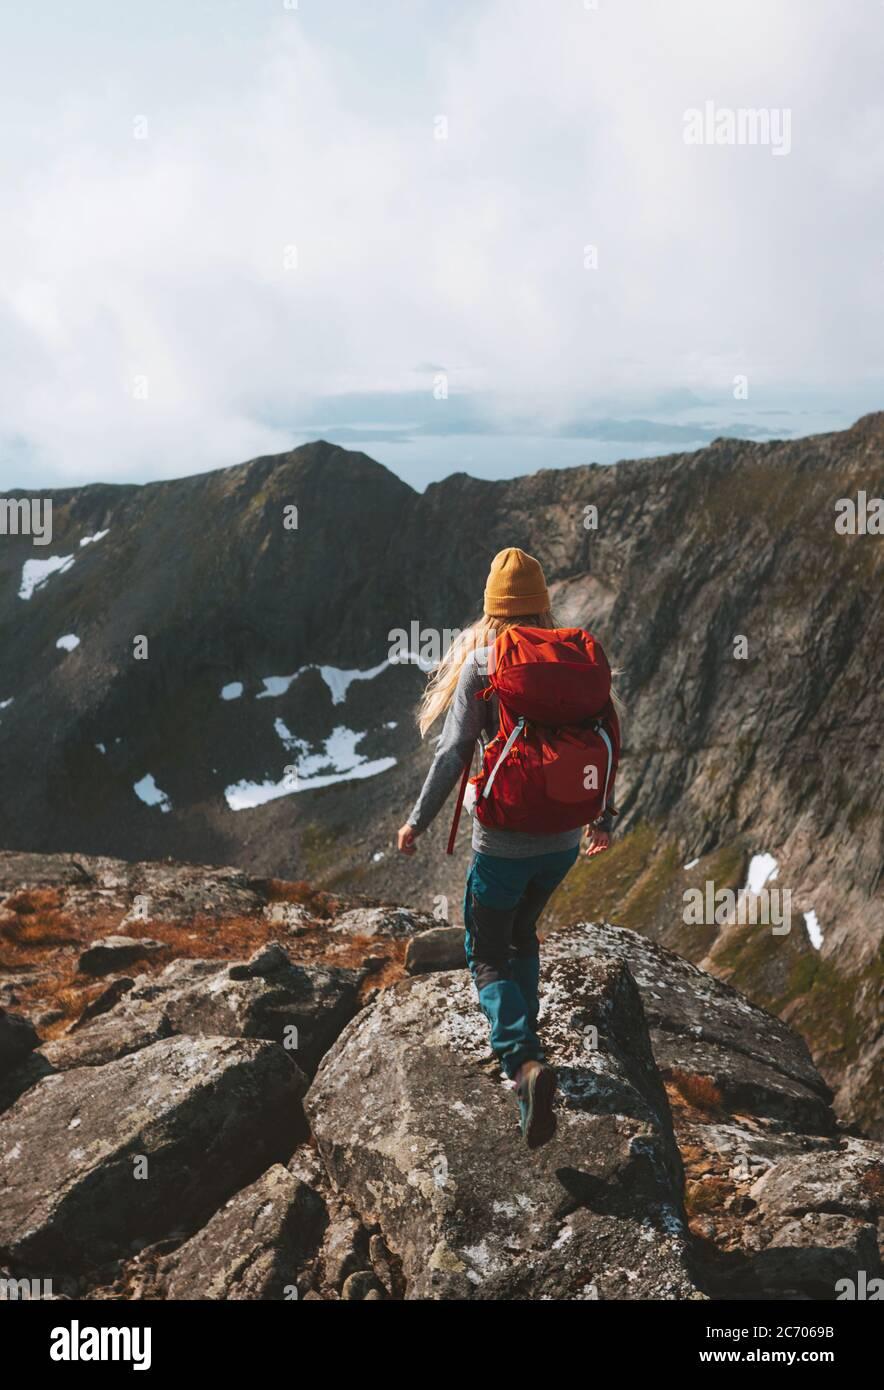 Femme sentier courir en montagne avec rouge sac à dos voyage style de vie randonnée solo actif été vacances plein air aventure voyage en Norvège Banque D'Images